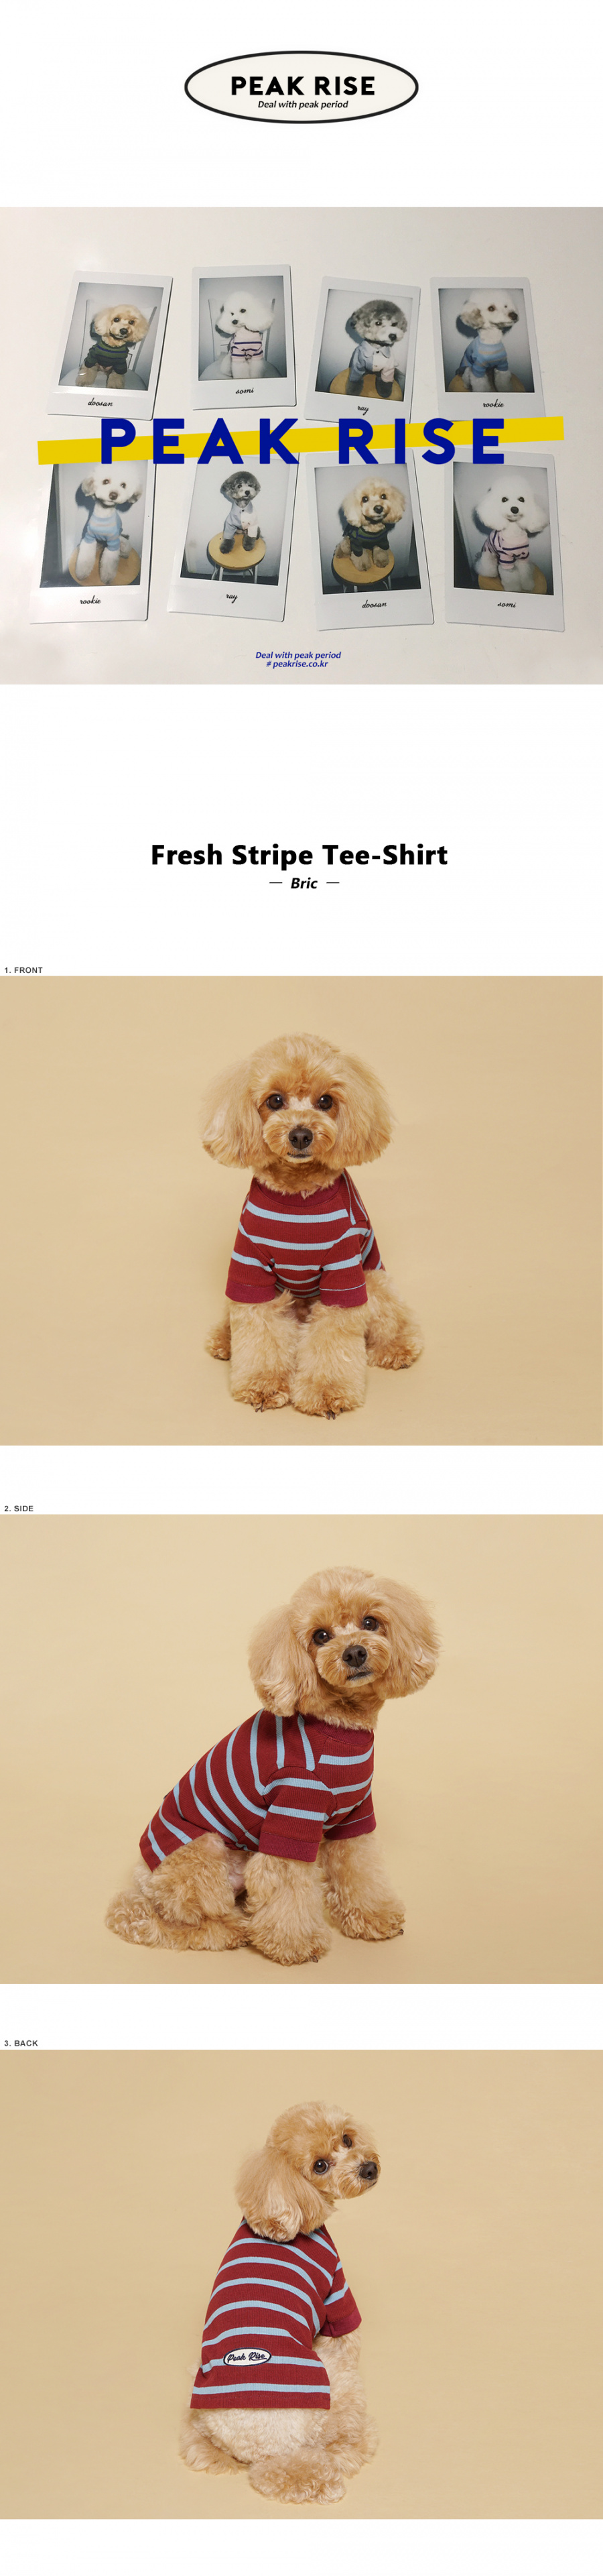 피크라이즈(PEAK RISE) Fresh Stripe Tee-Shirt Bric